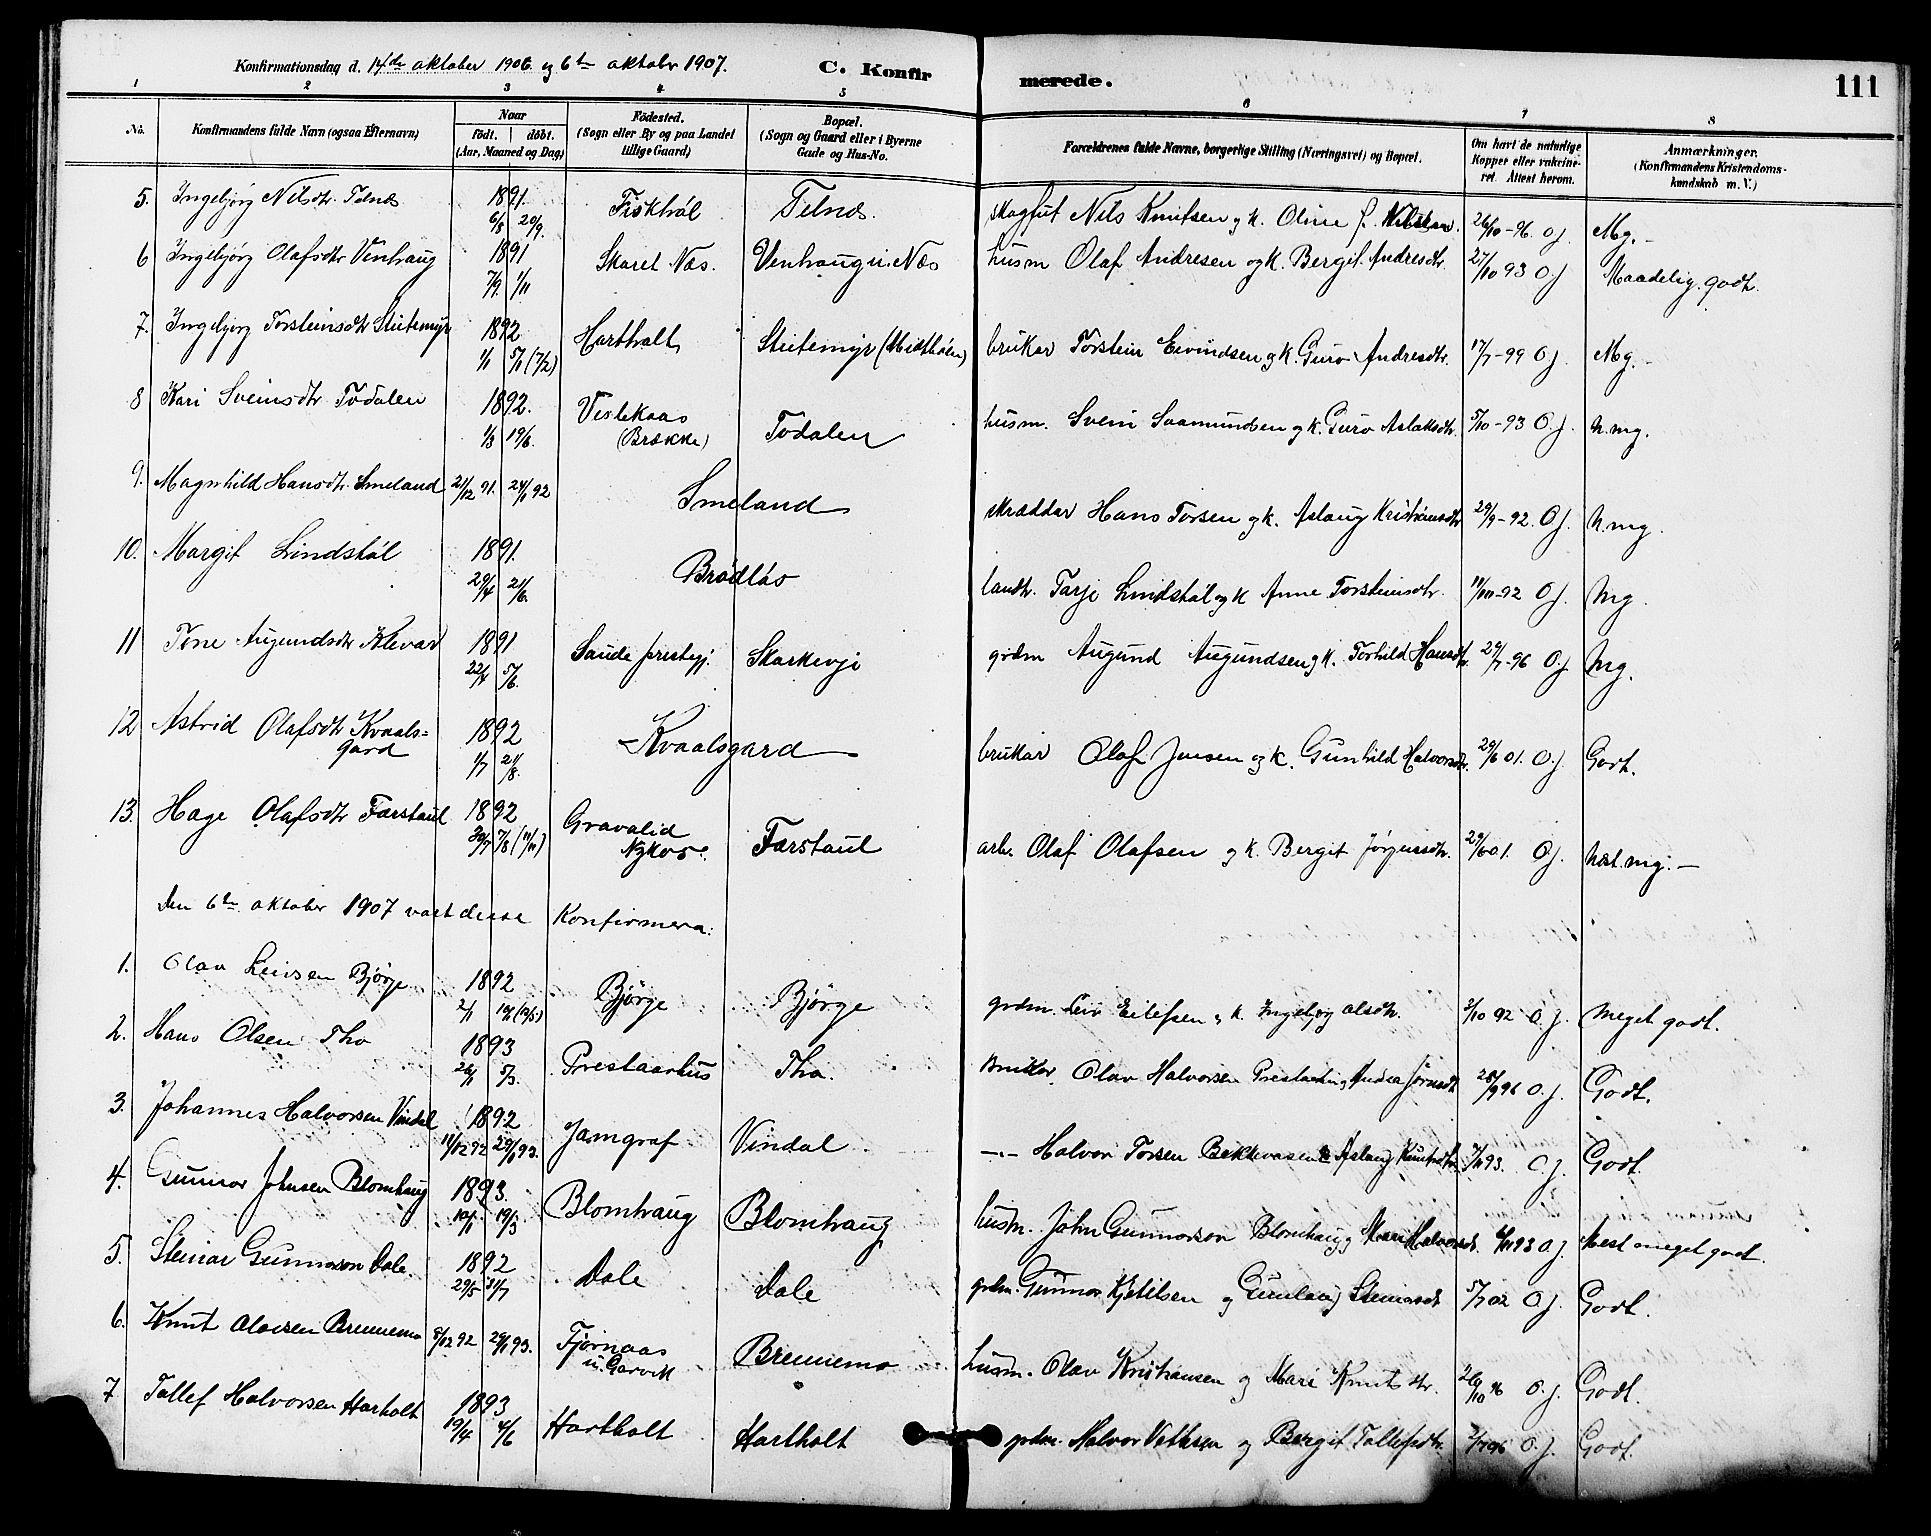 SAKO, Seljord kirkebøker, G/Ga/L0005: Klokkerbok nr. I 5, 1887-1914, s. 111